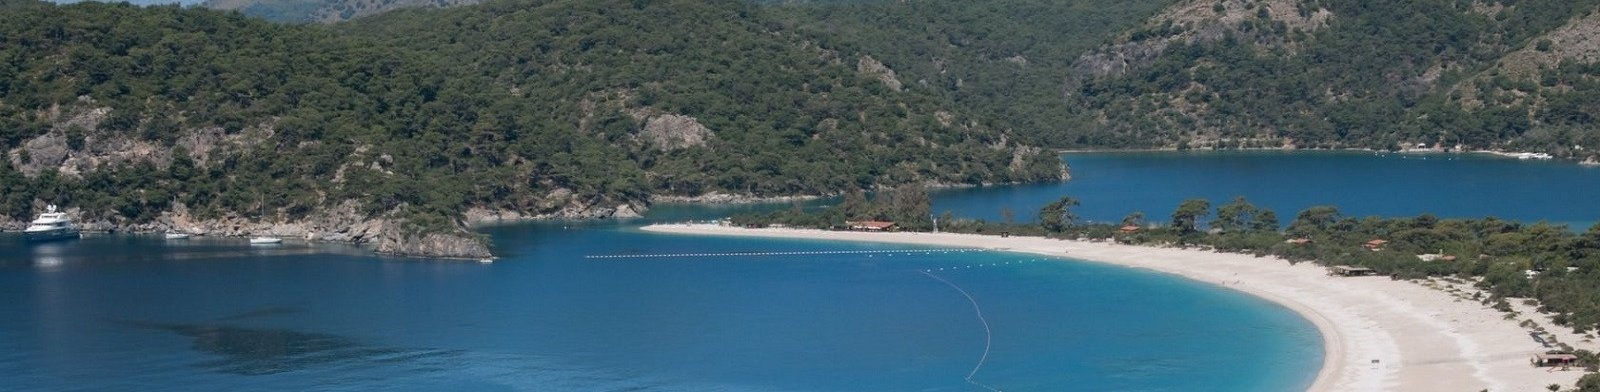 Turquoise Coast Holidays